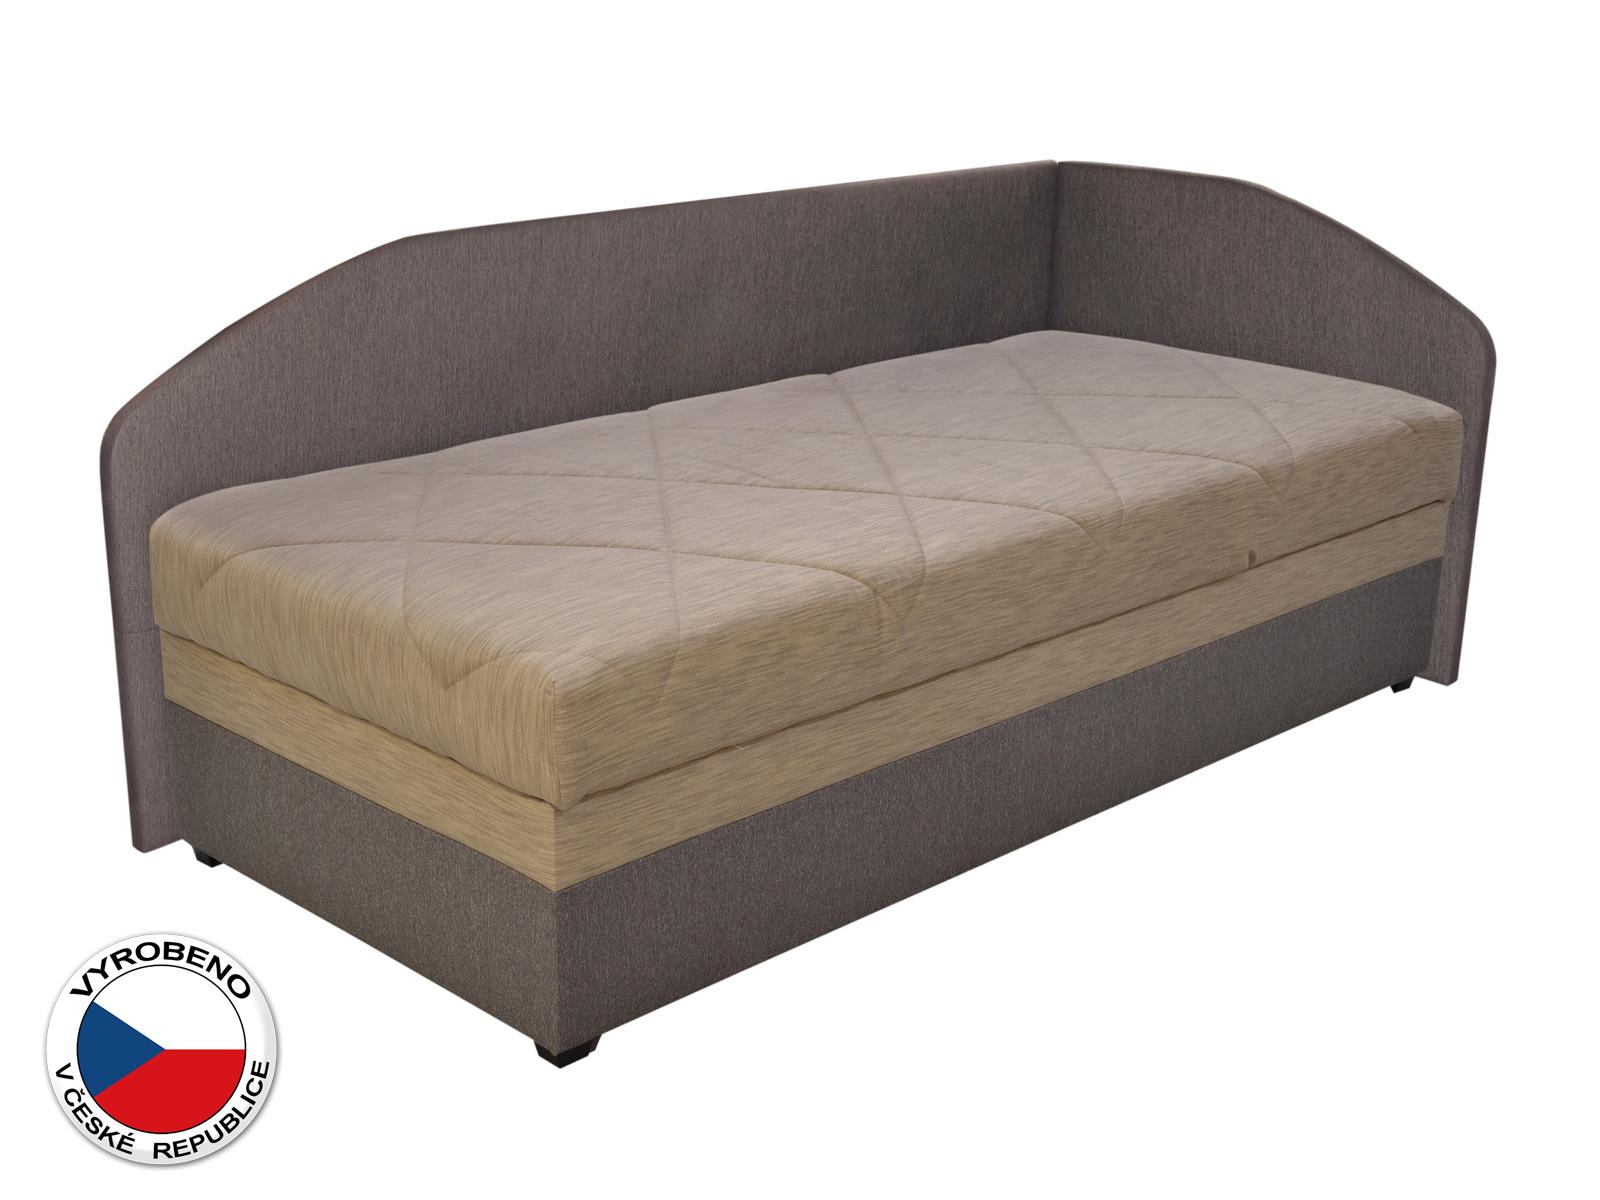 Jednolůžková postel (válenda) 90 cm - Blanár - Turi (béžová + hnědá) (s roštem a matrací) (P)